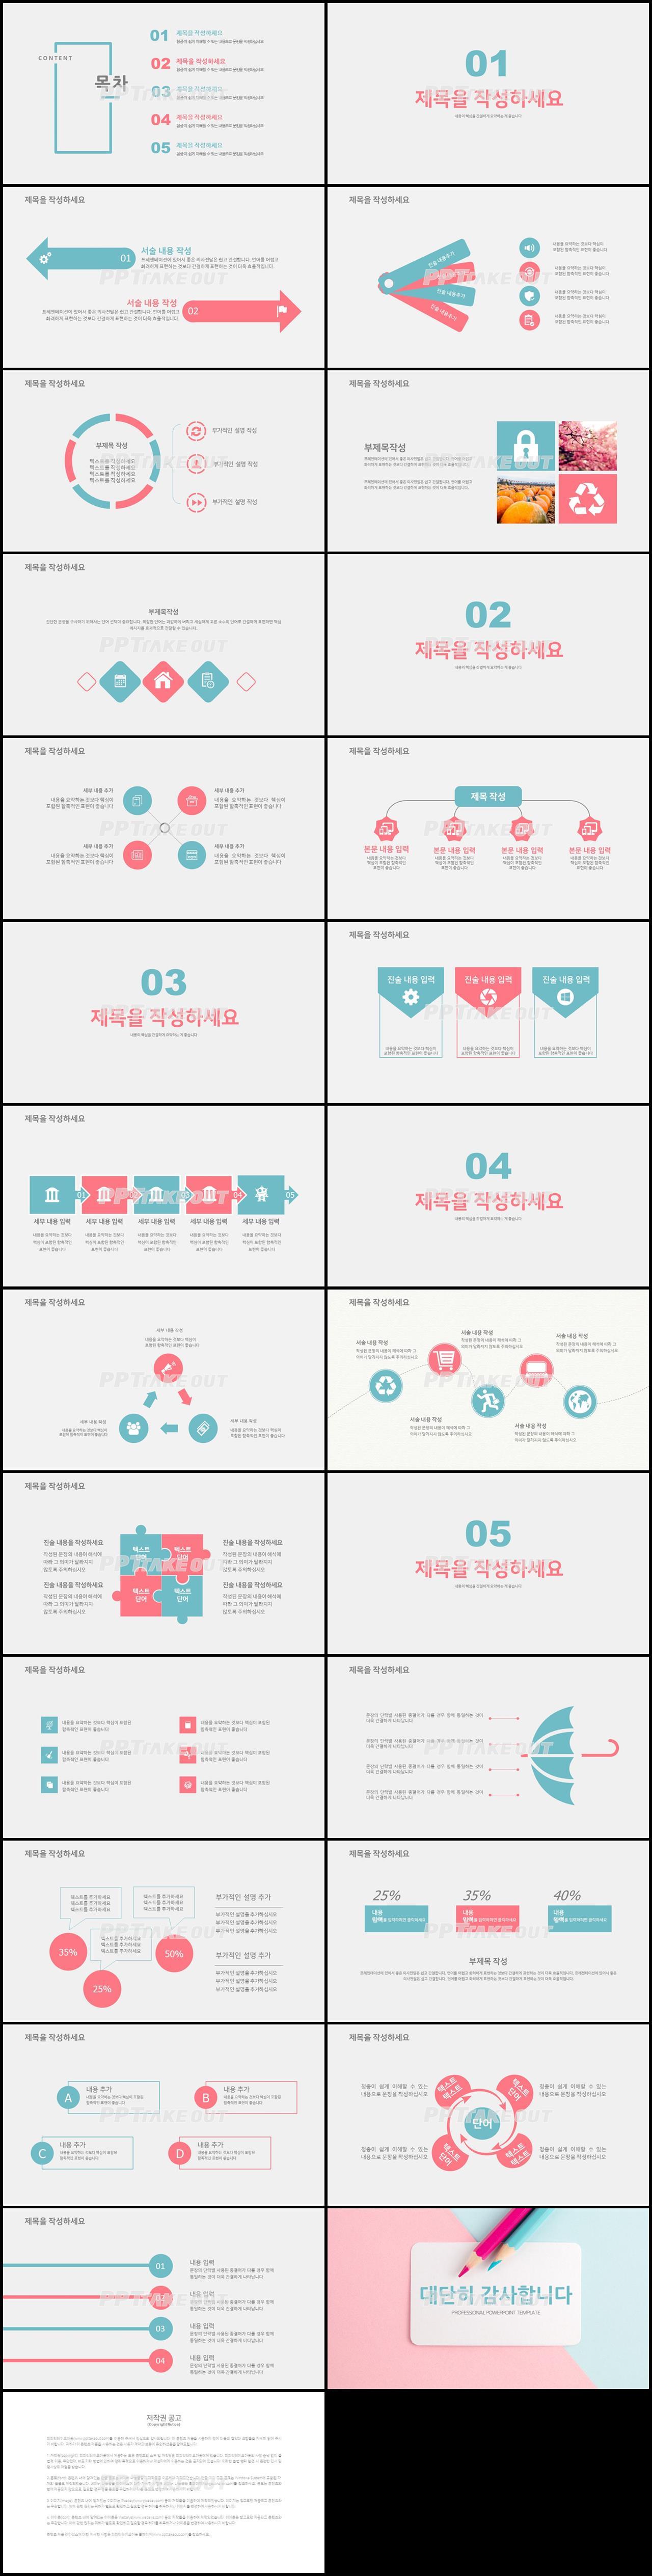 졸업발표 핑크색 아담한 고퀄리티 파워포인트서식 제작 상세보기